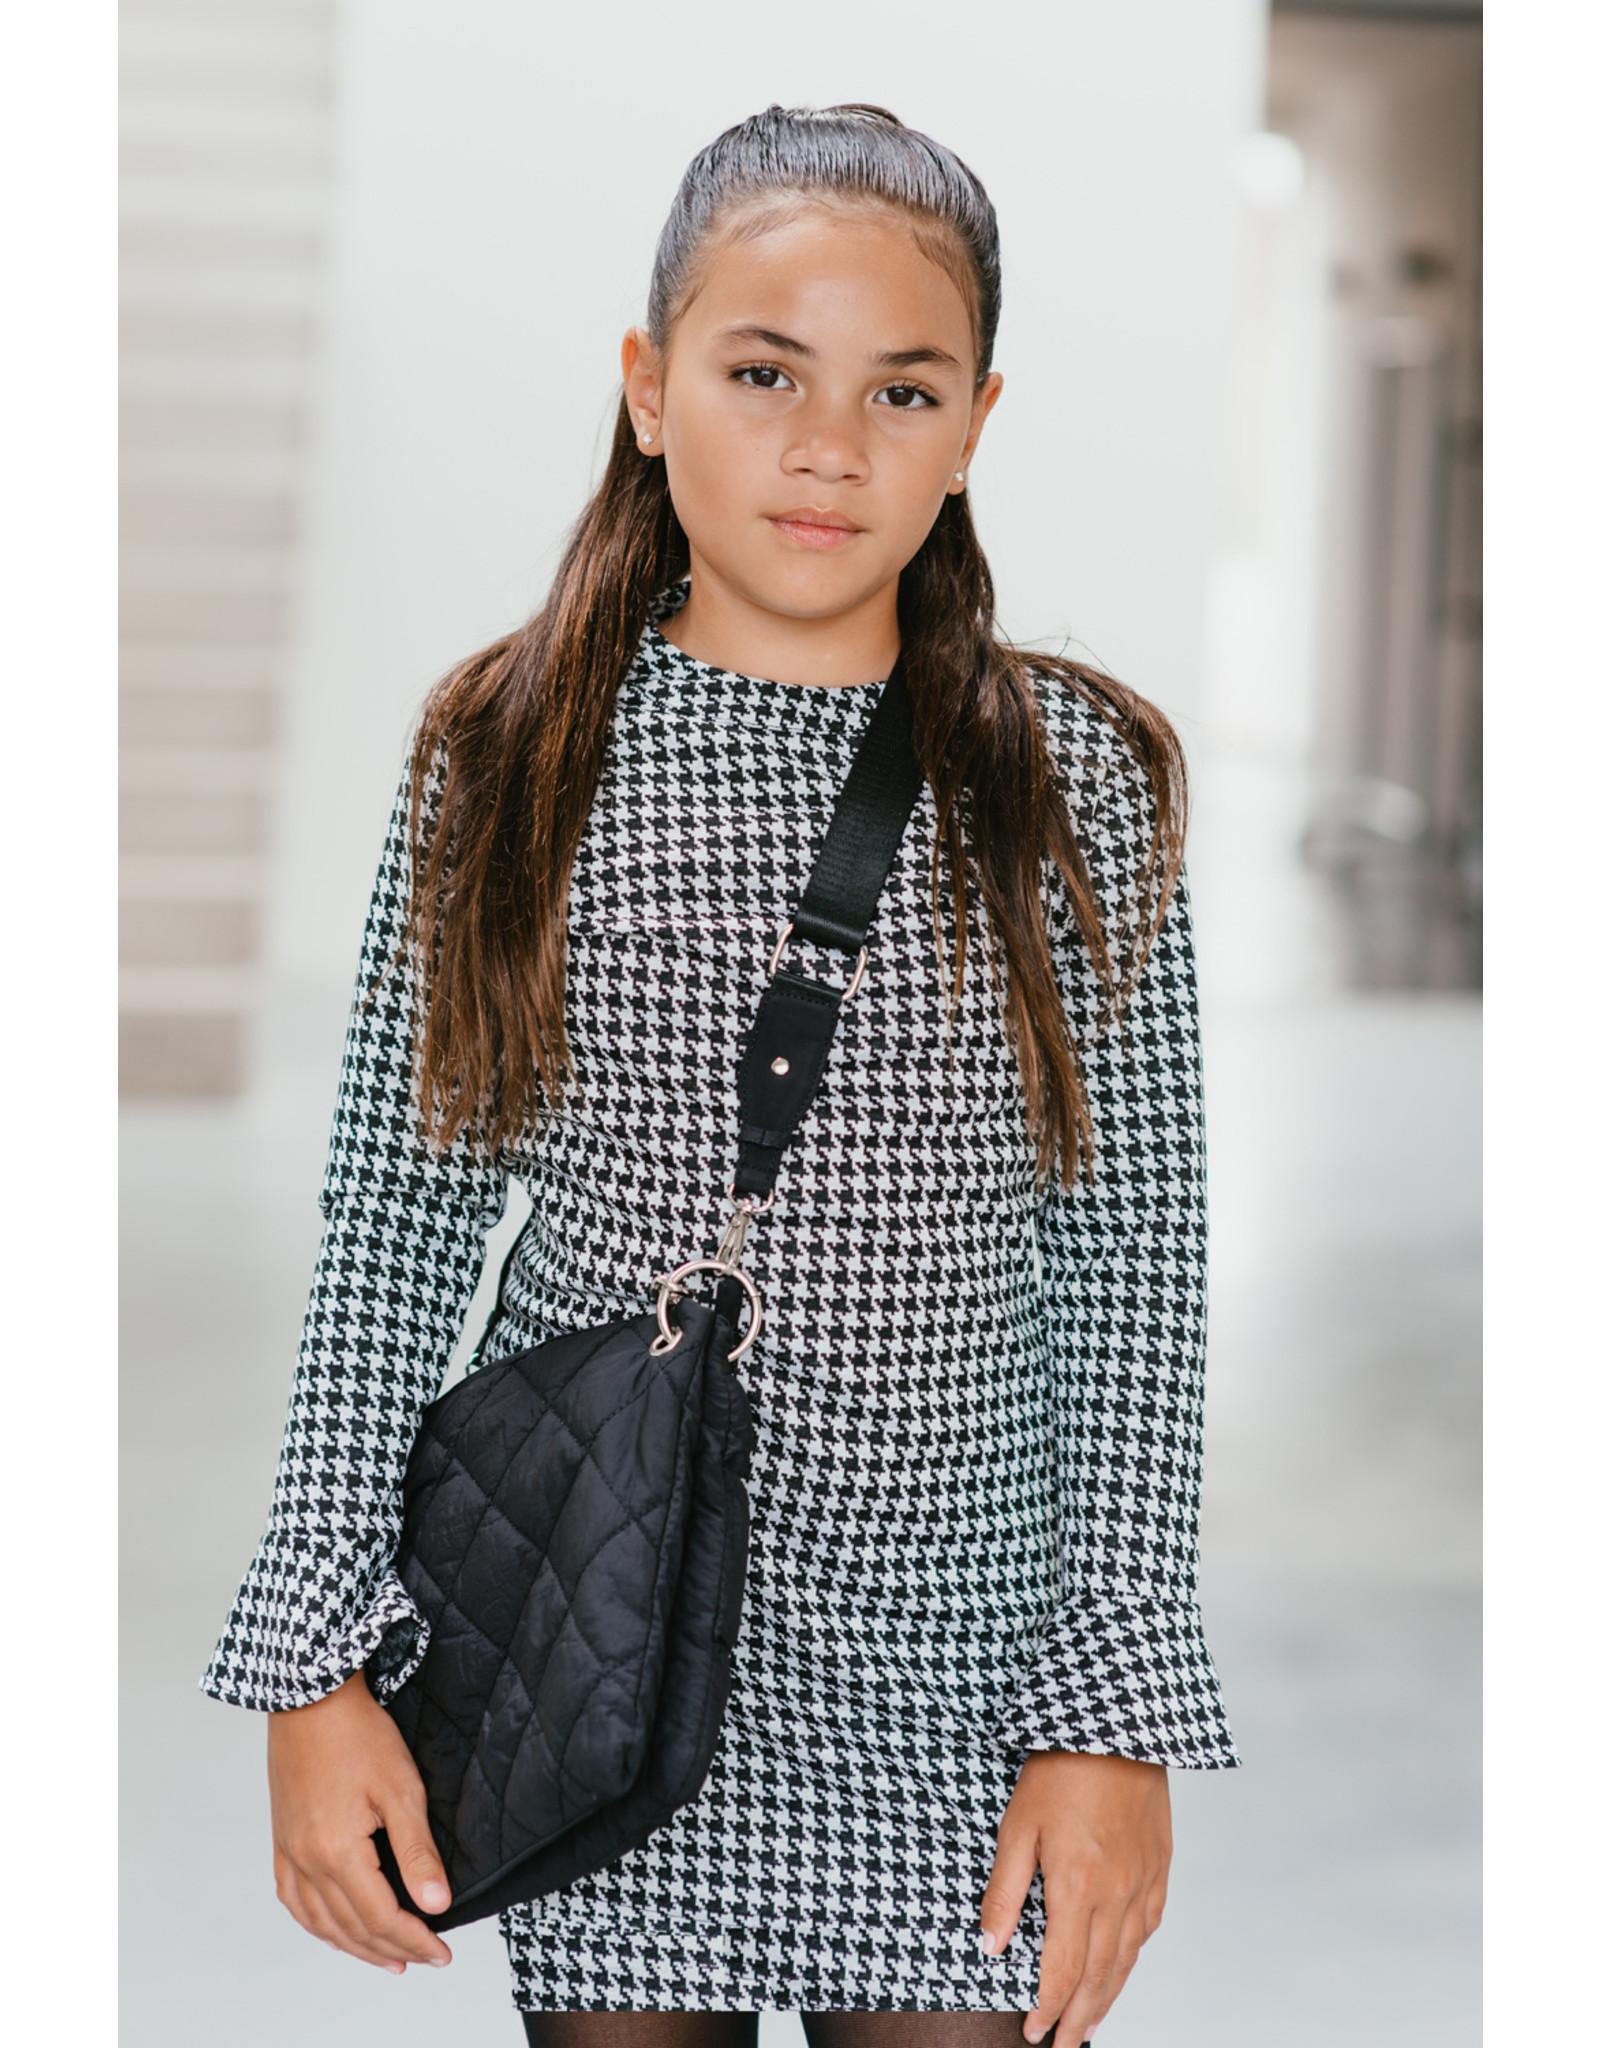 Topitm Miss T dress Kiara black/white